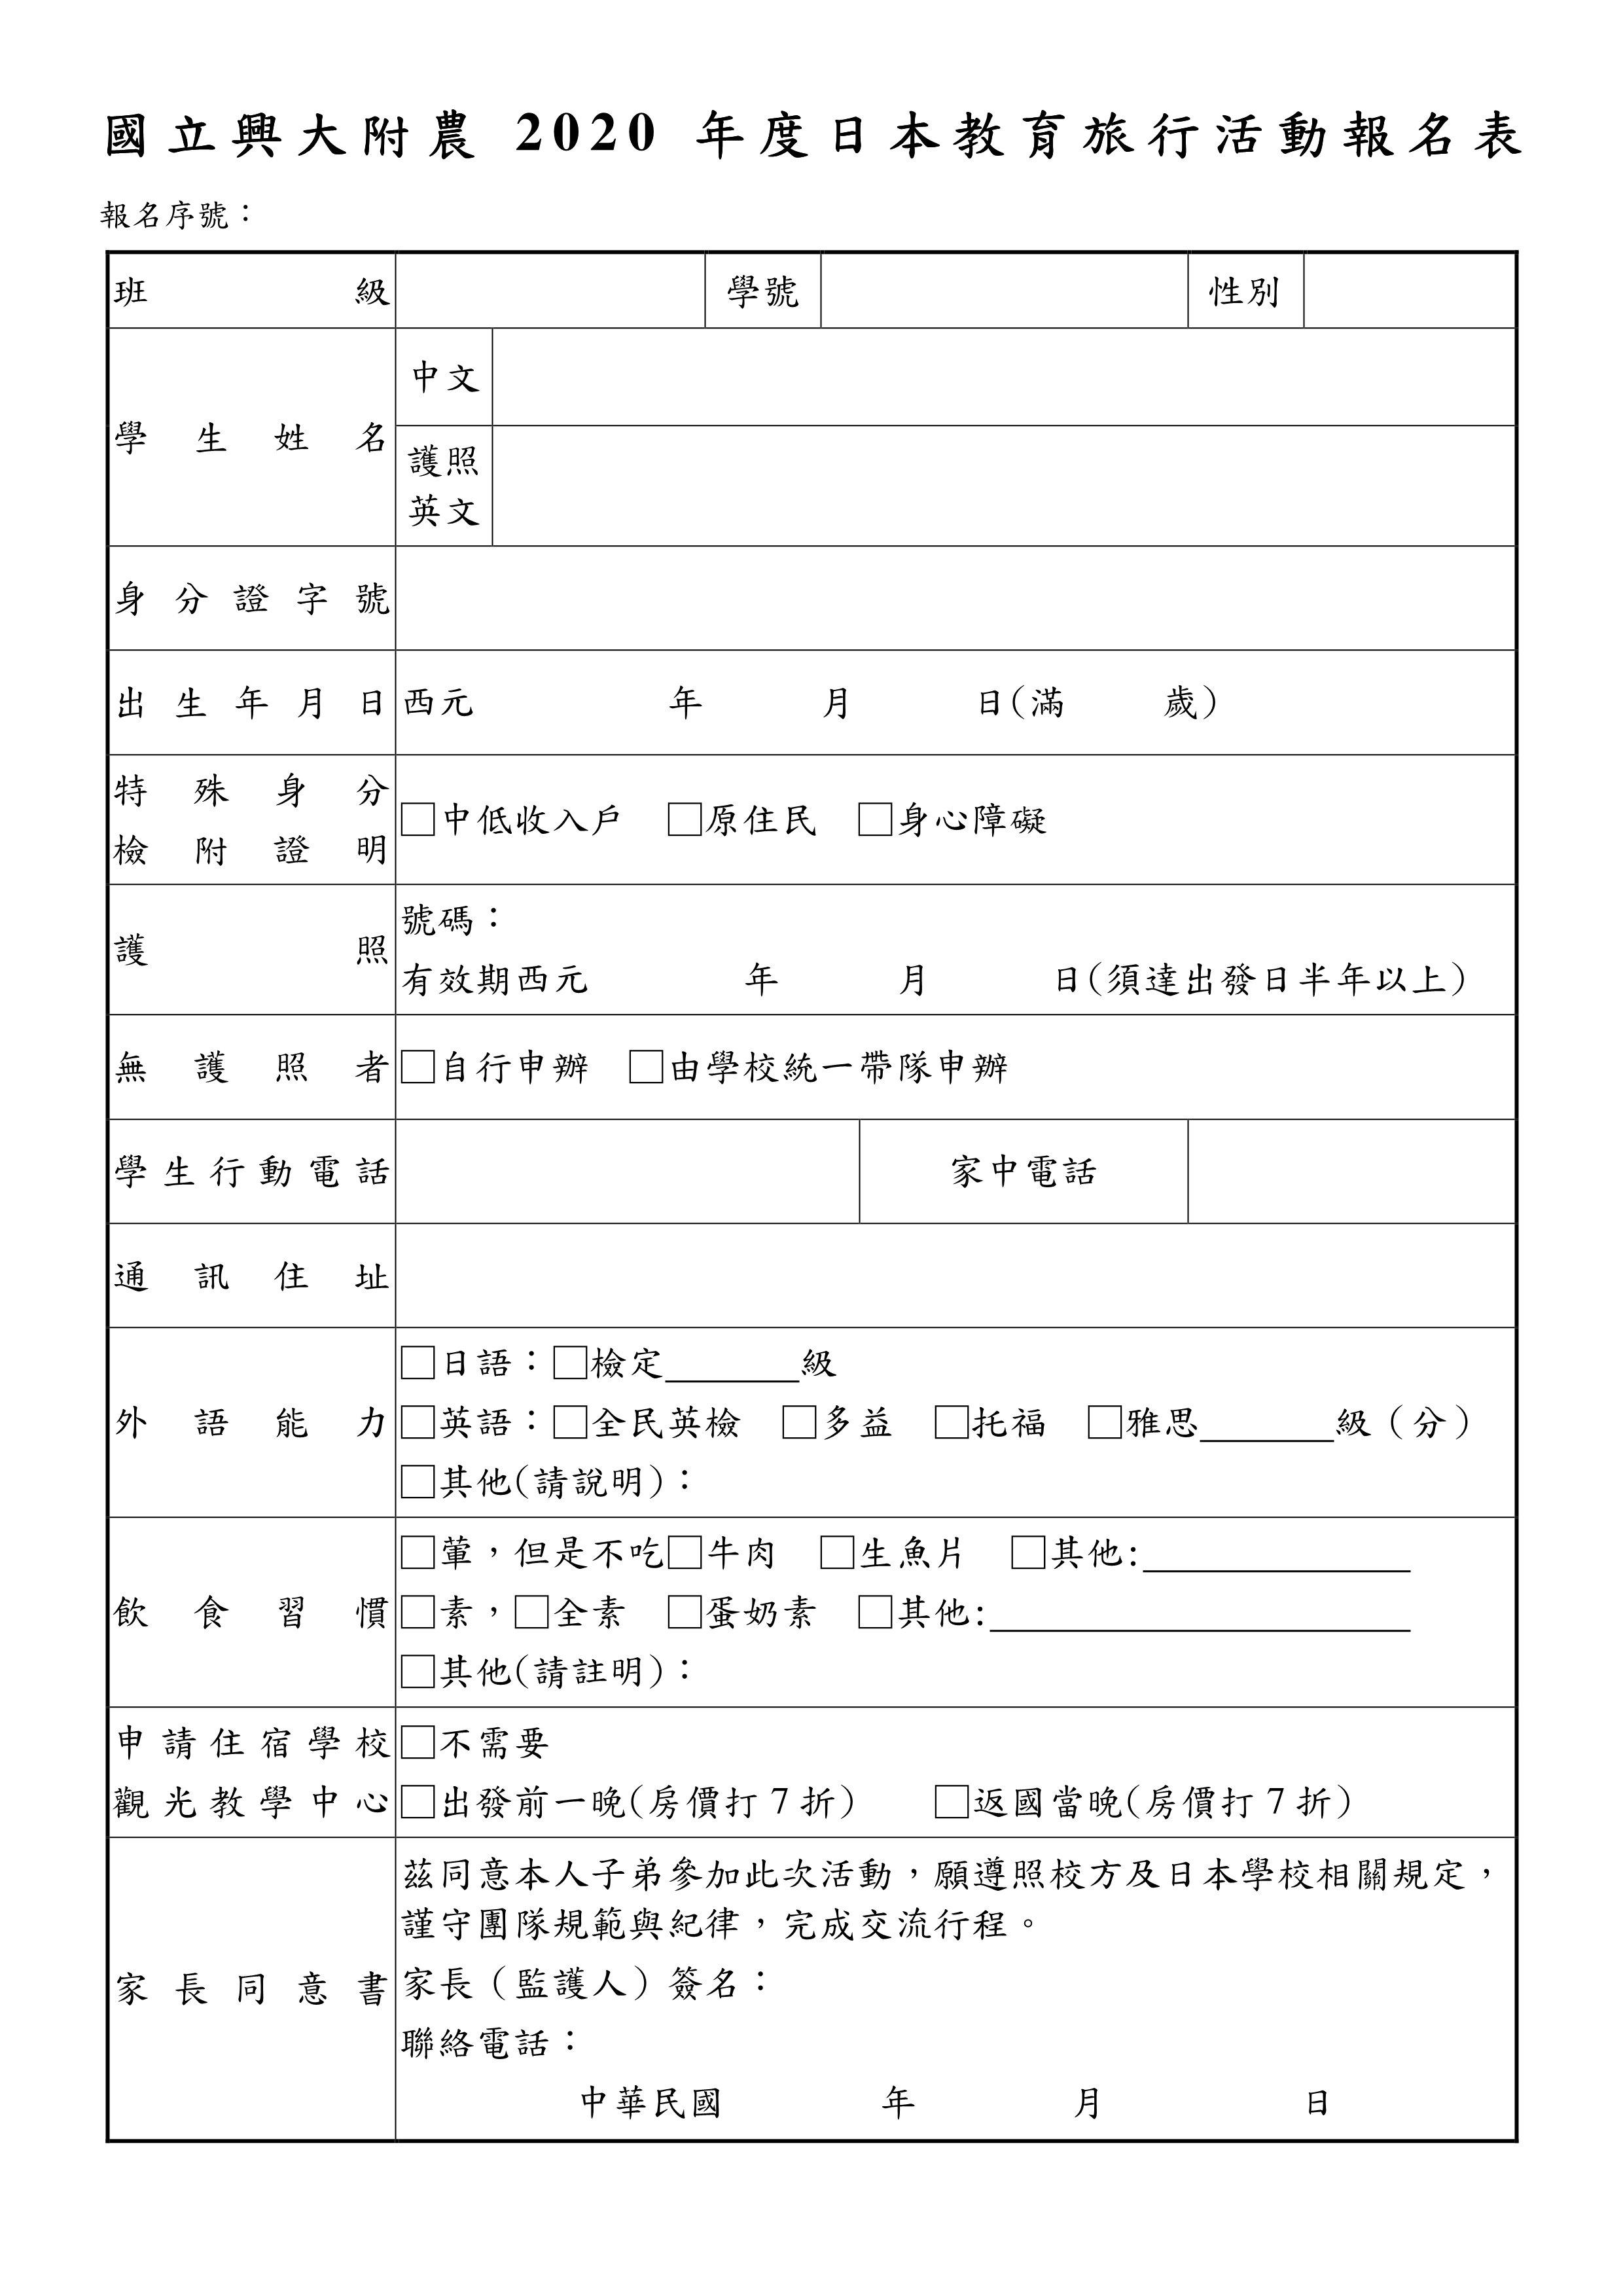 日本教育旅行報名表